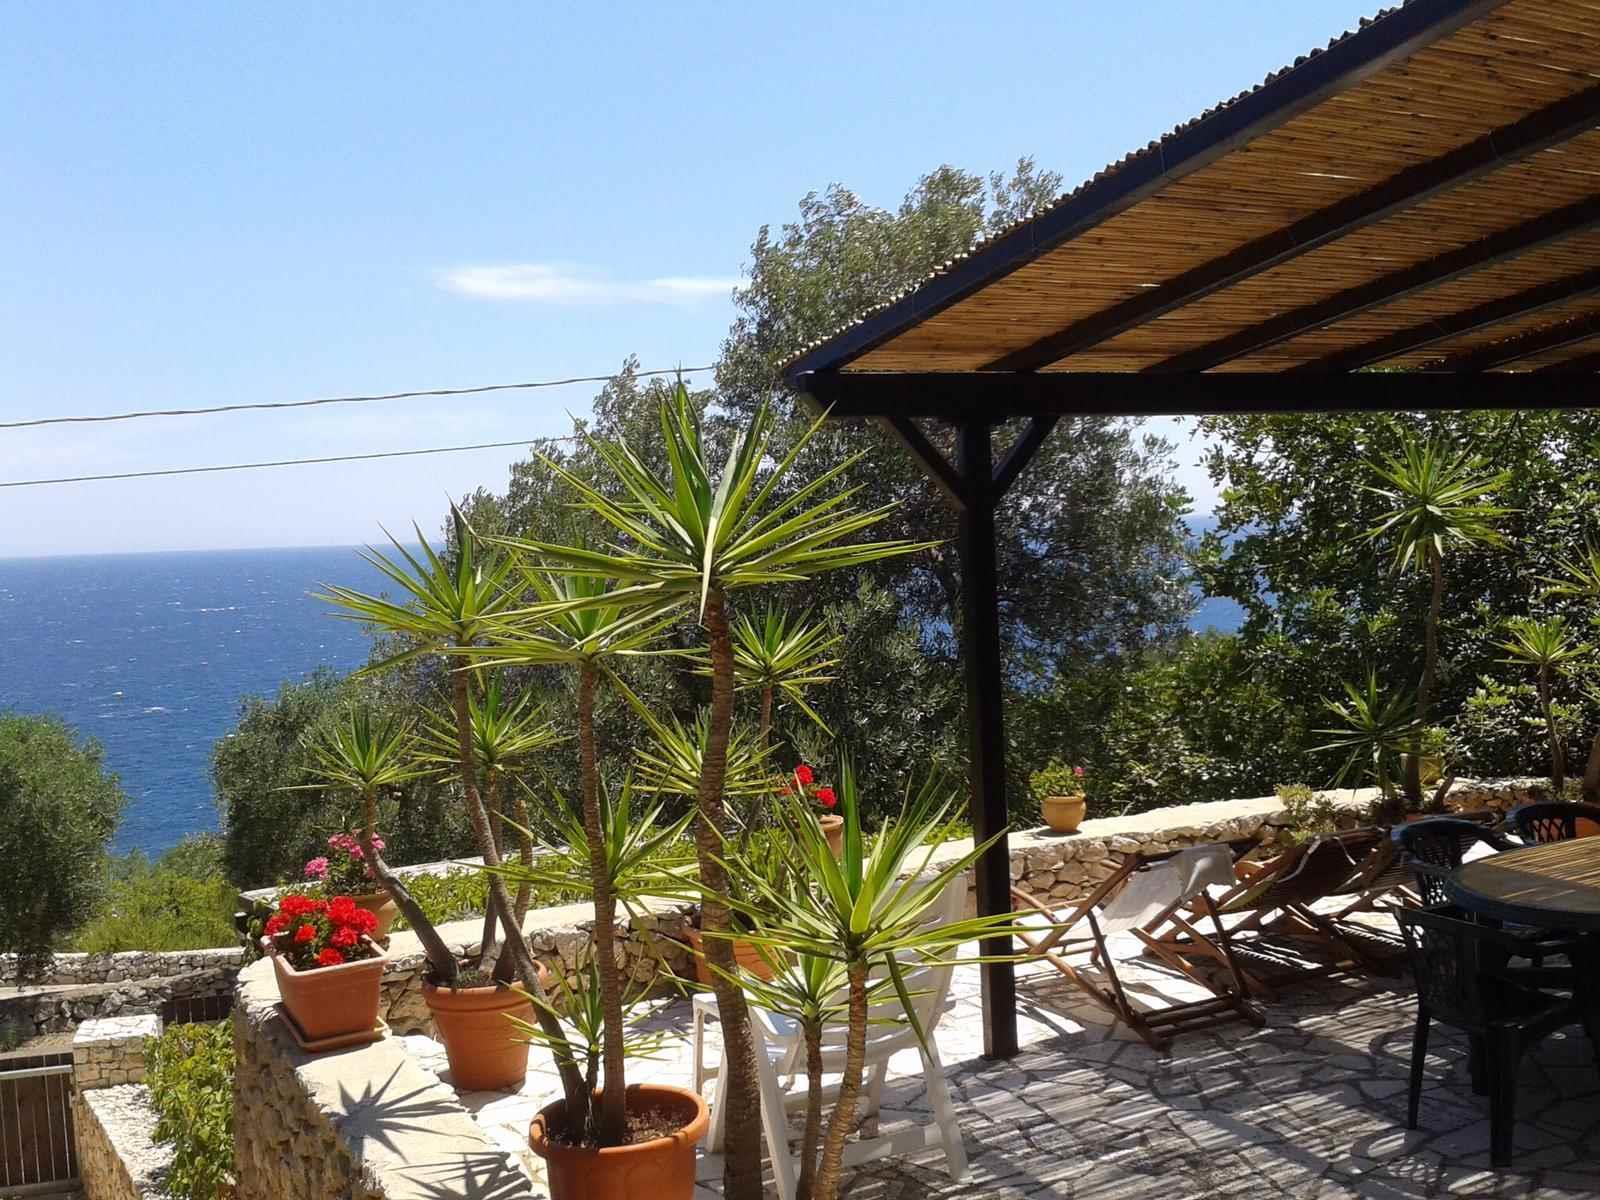 Apartment Mirto Sopra - casa in pietra sul mare photo 24830050